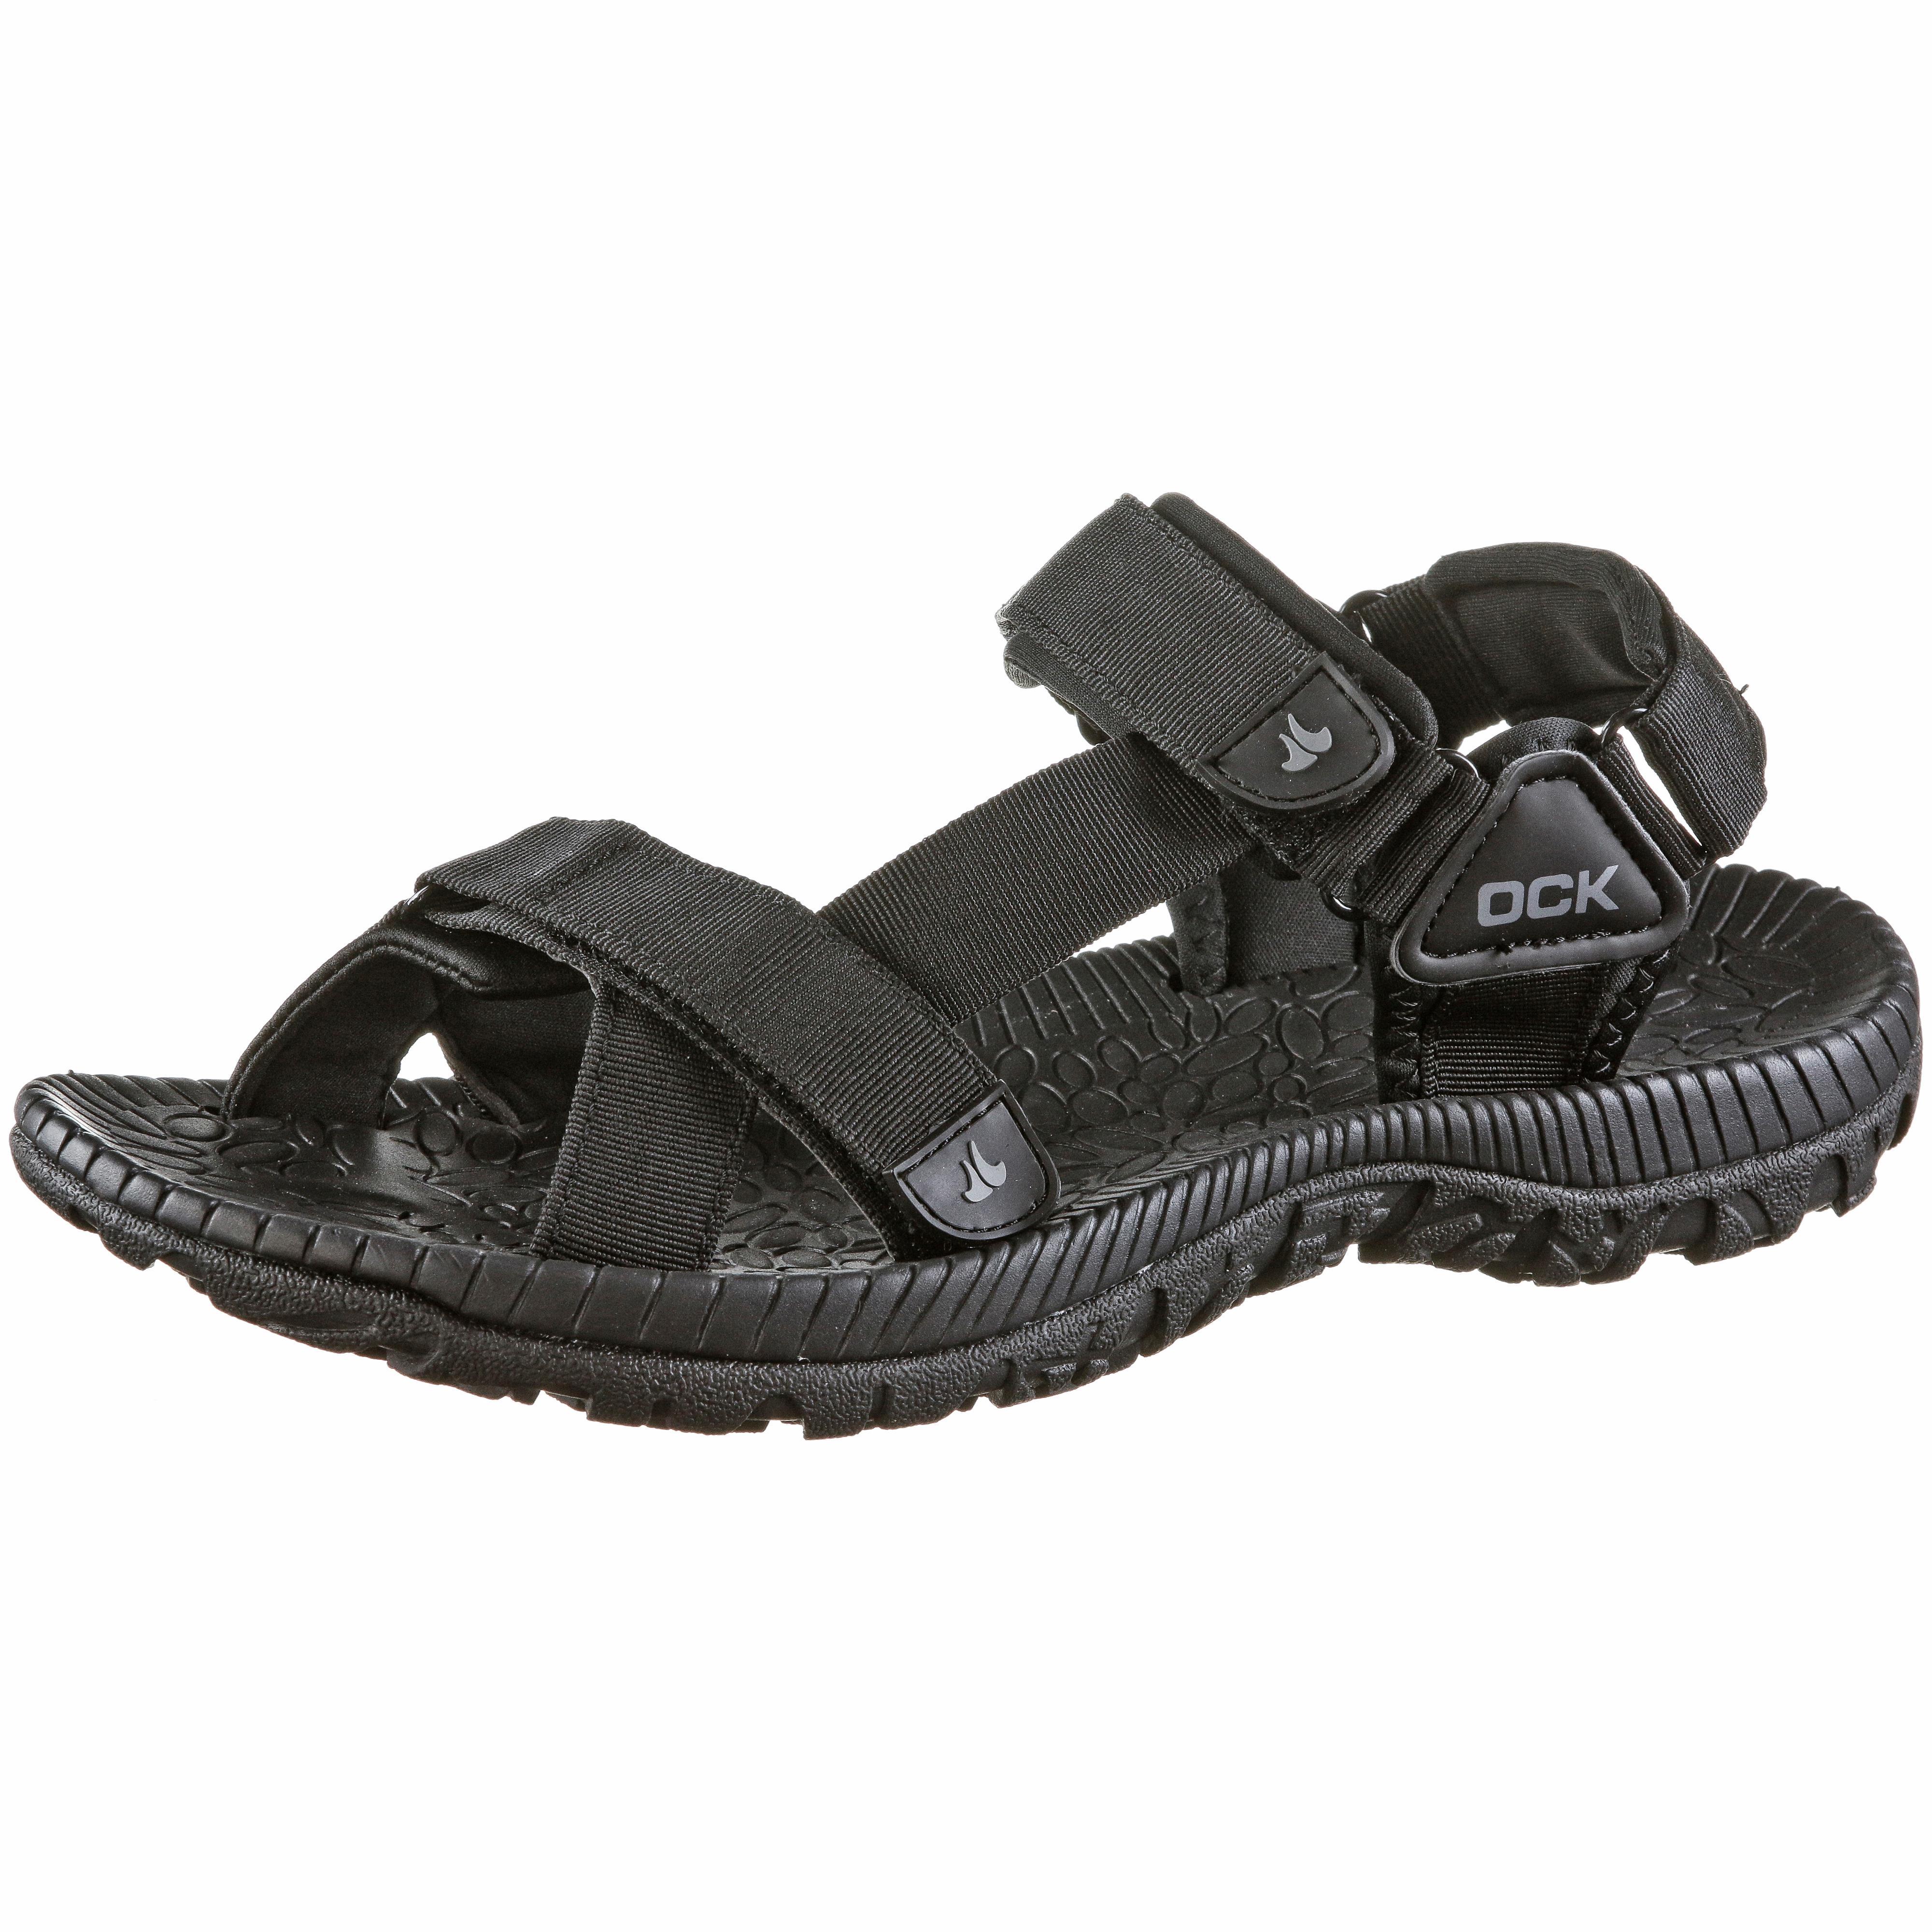 Günstig Pk0wo8n Atshop24 Kaufen Über Online Schuhe Shop24 derxoECWQB